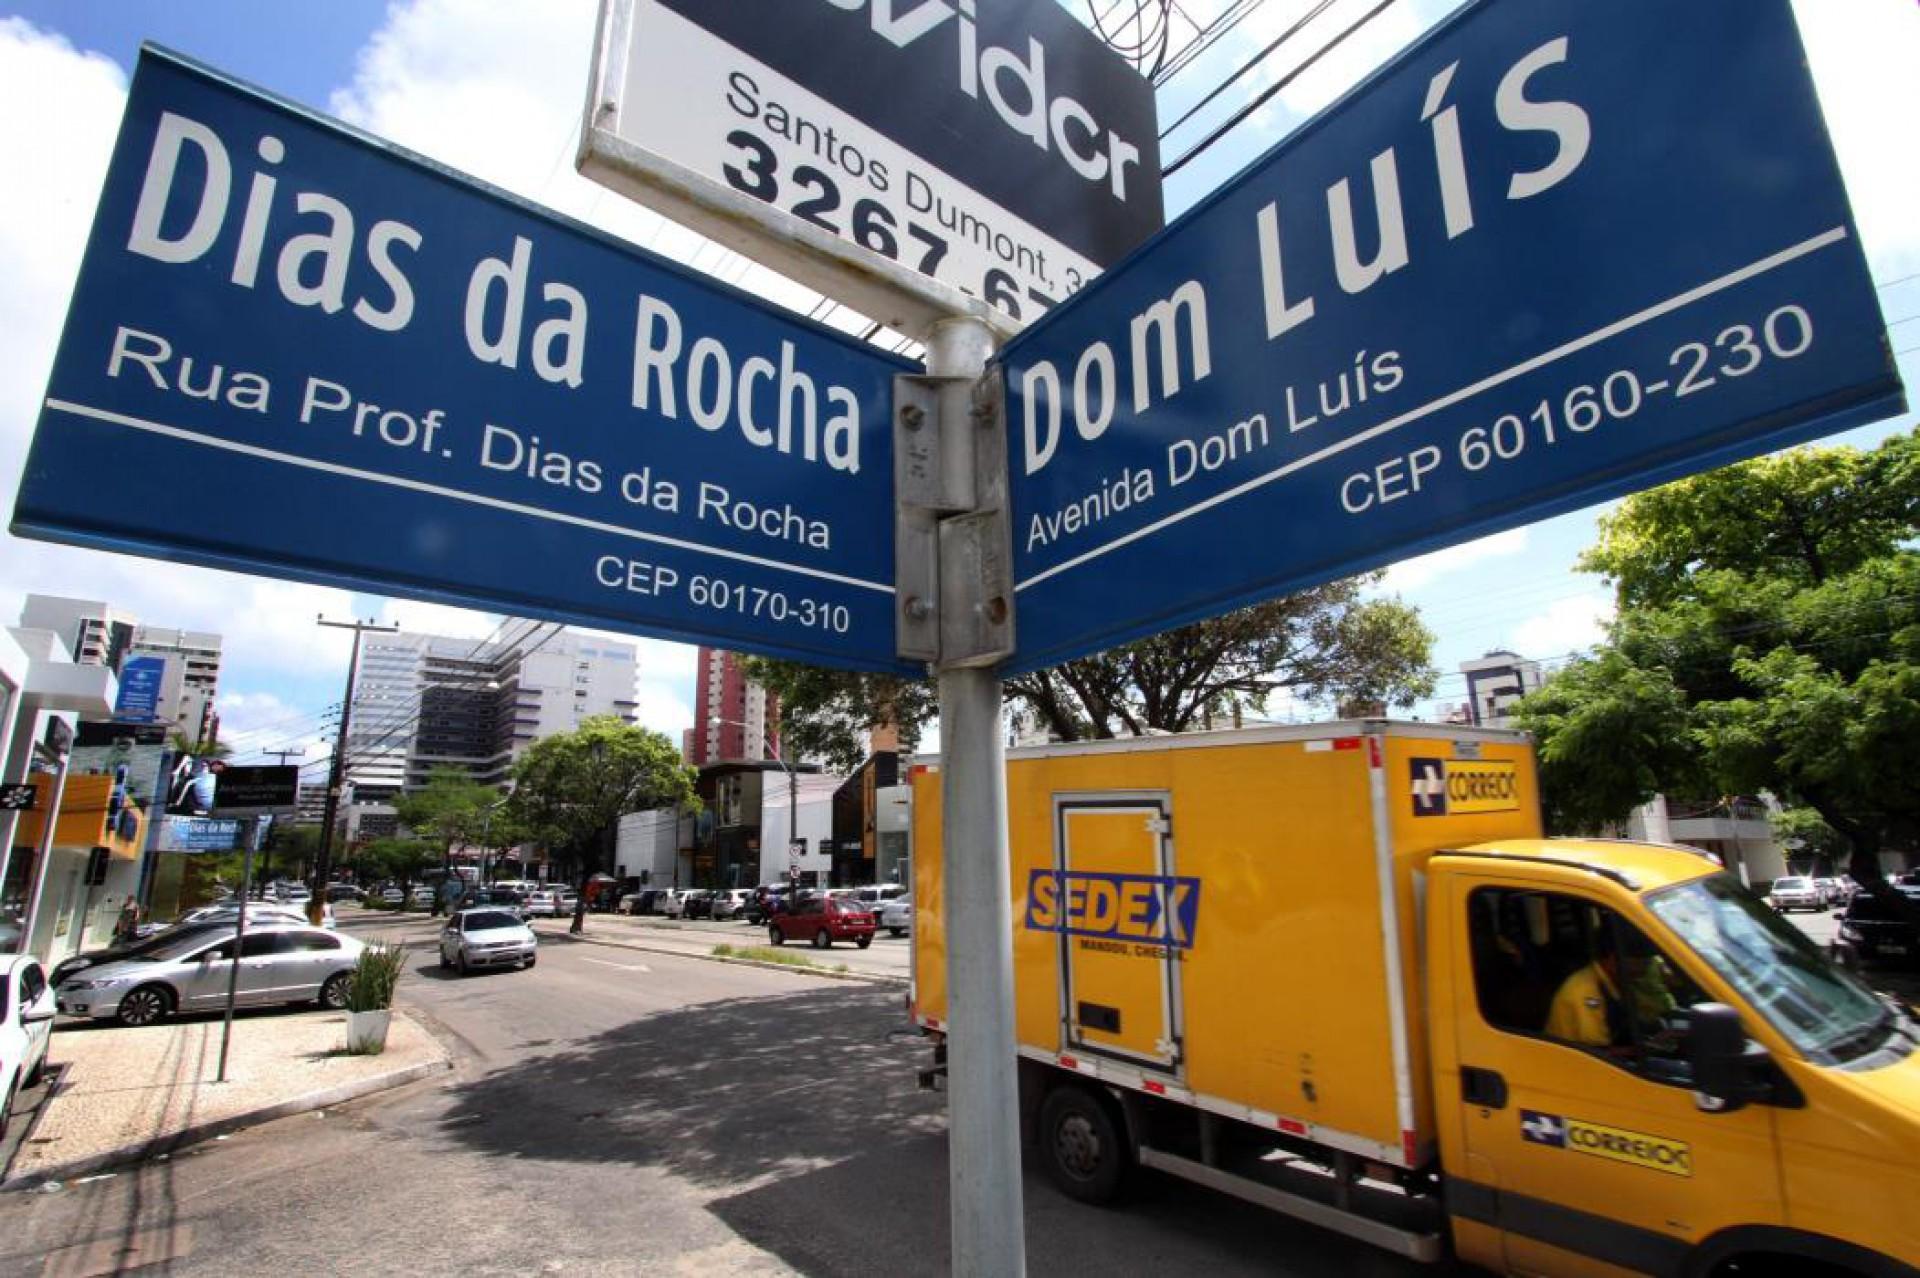 Placas das ruas e avenidas de Fortaleza vão ter nome dos bairros; veja detalhes